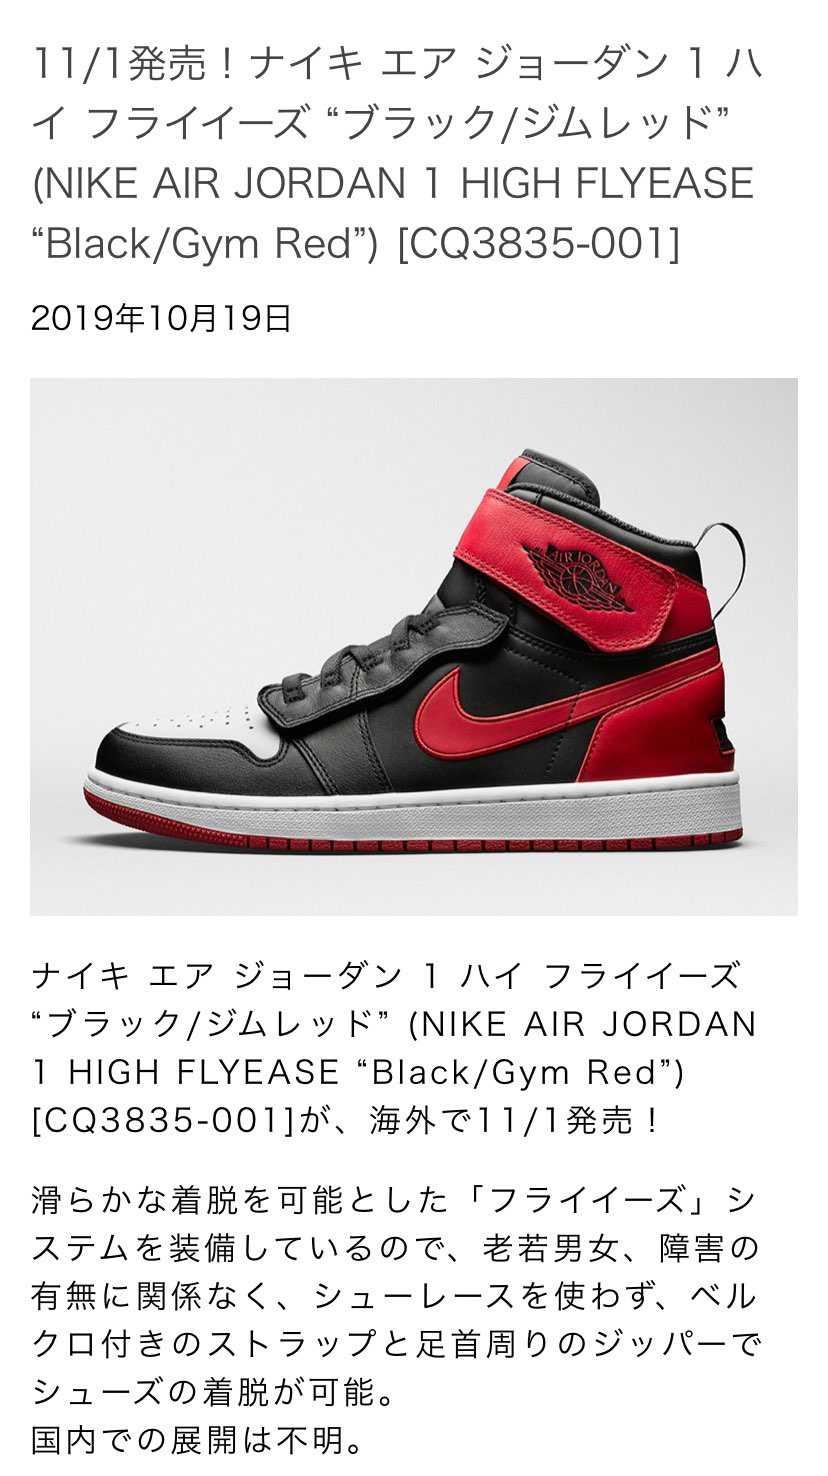 履く時も脱ぐ時もめっちゃ楽だろうから欲しいなー 日本で発売してほしい